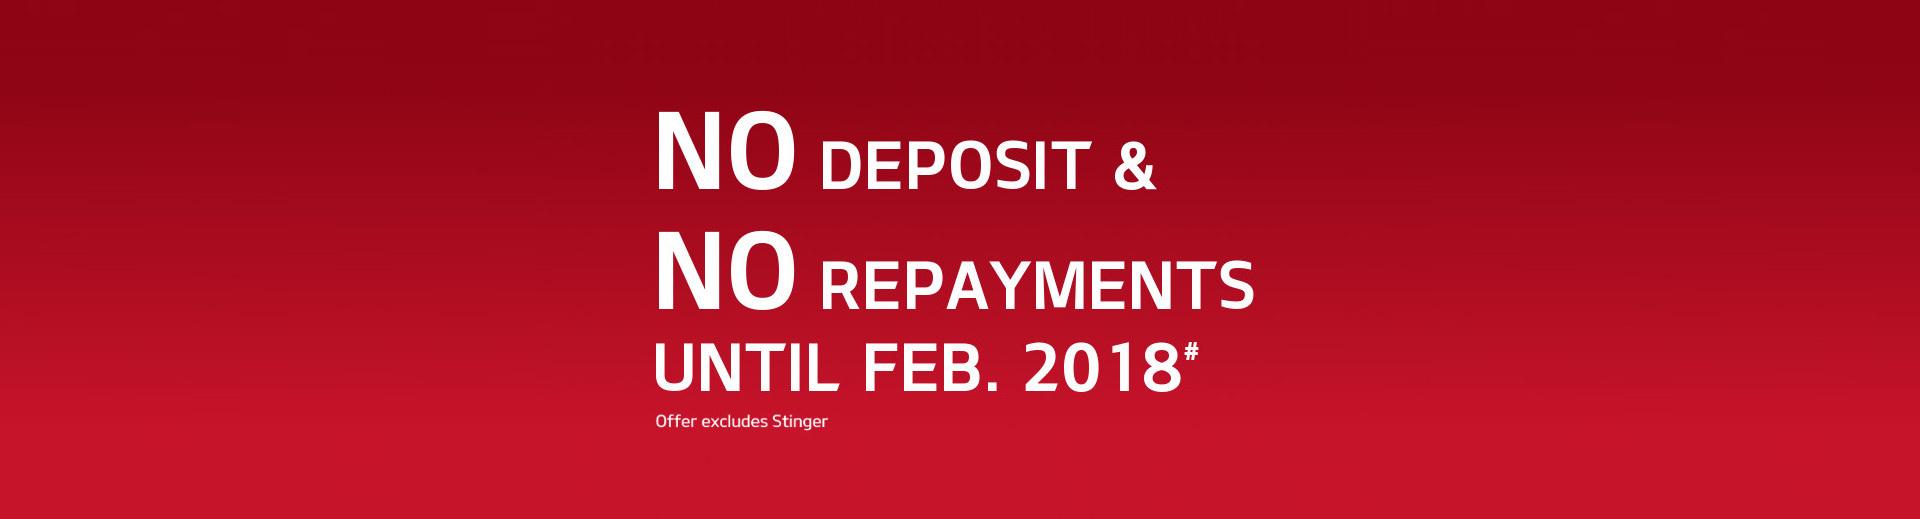 Kia - No Deposits & No Repayments